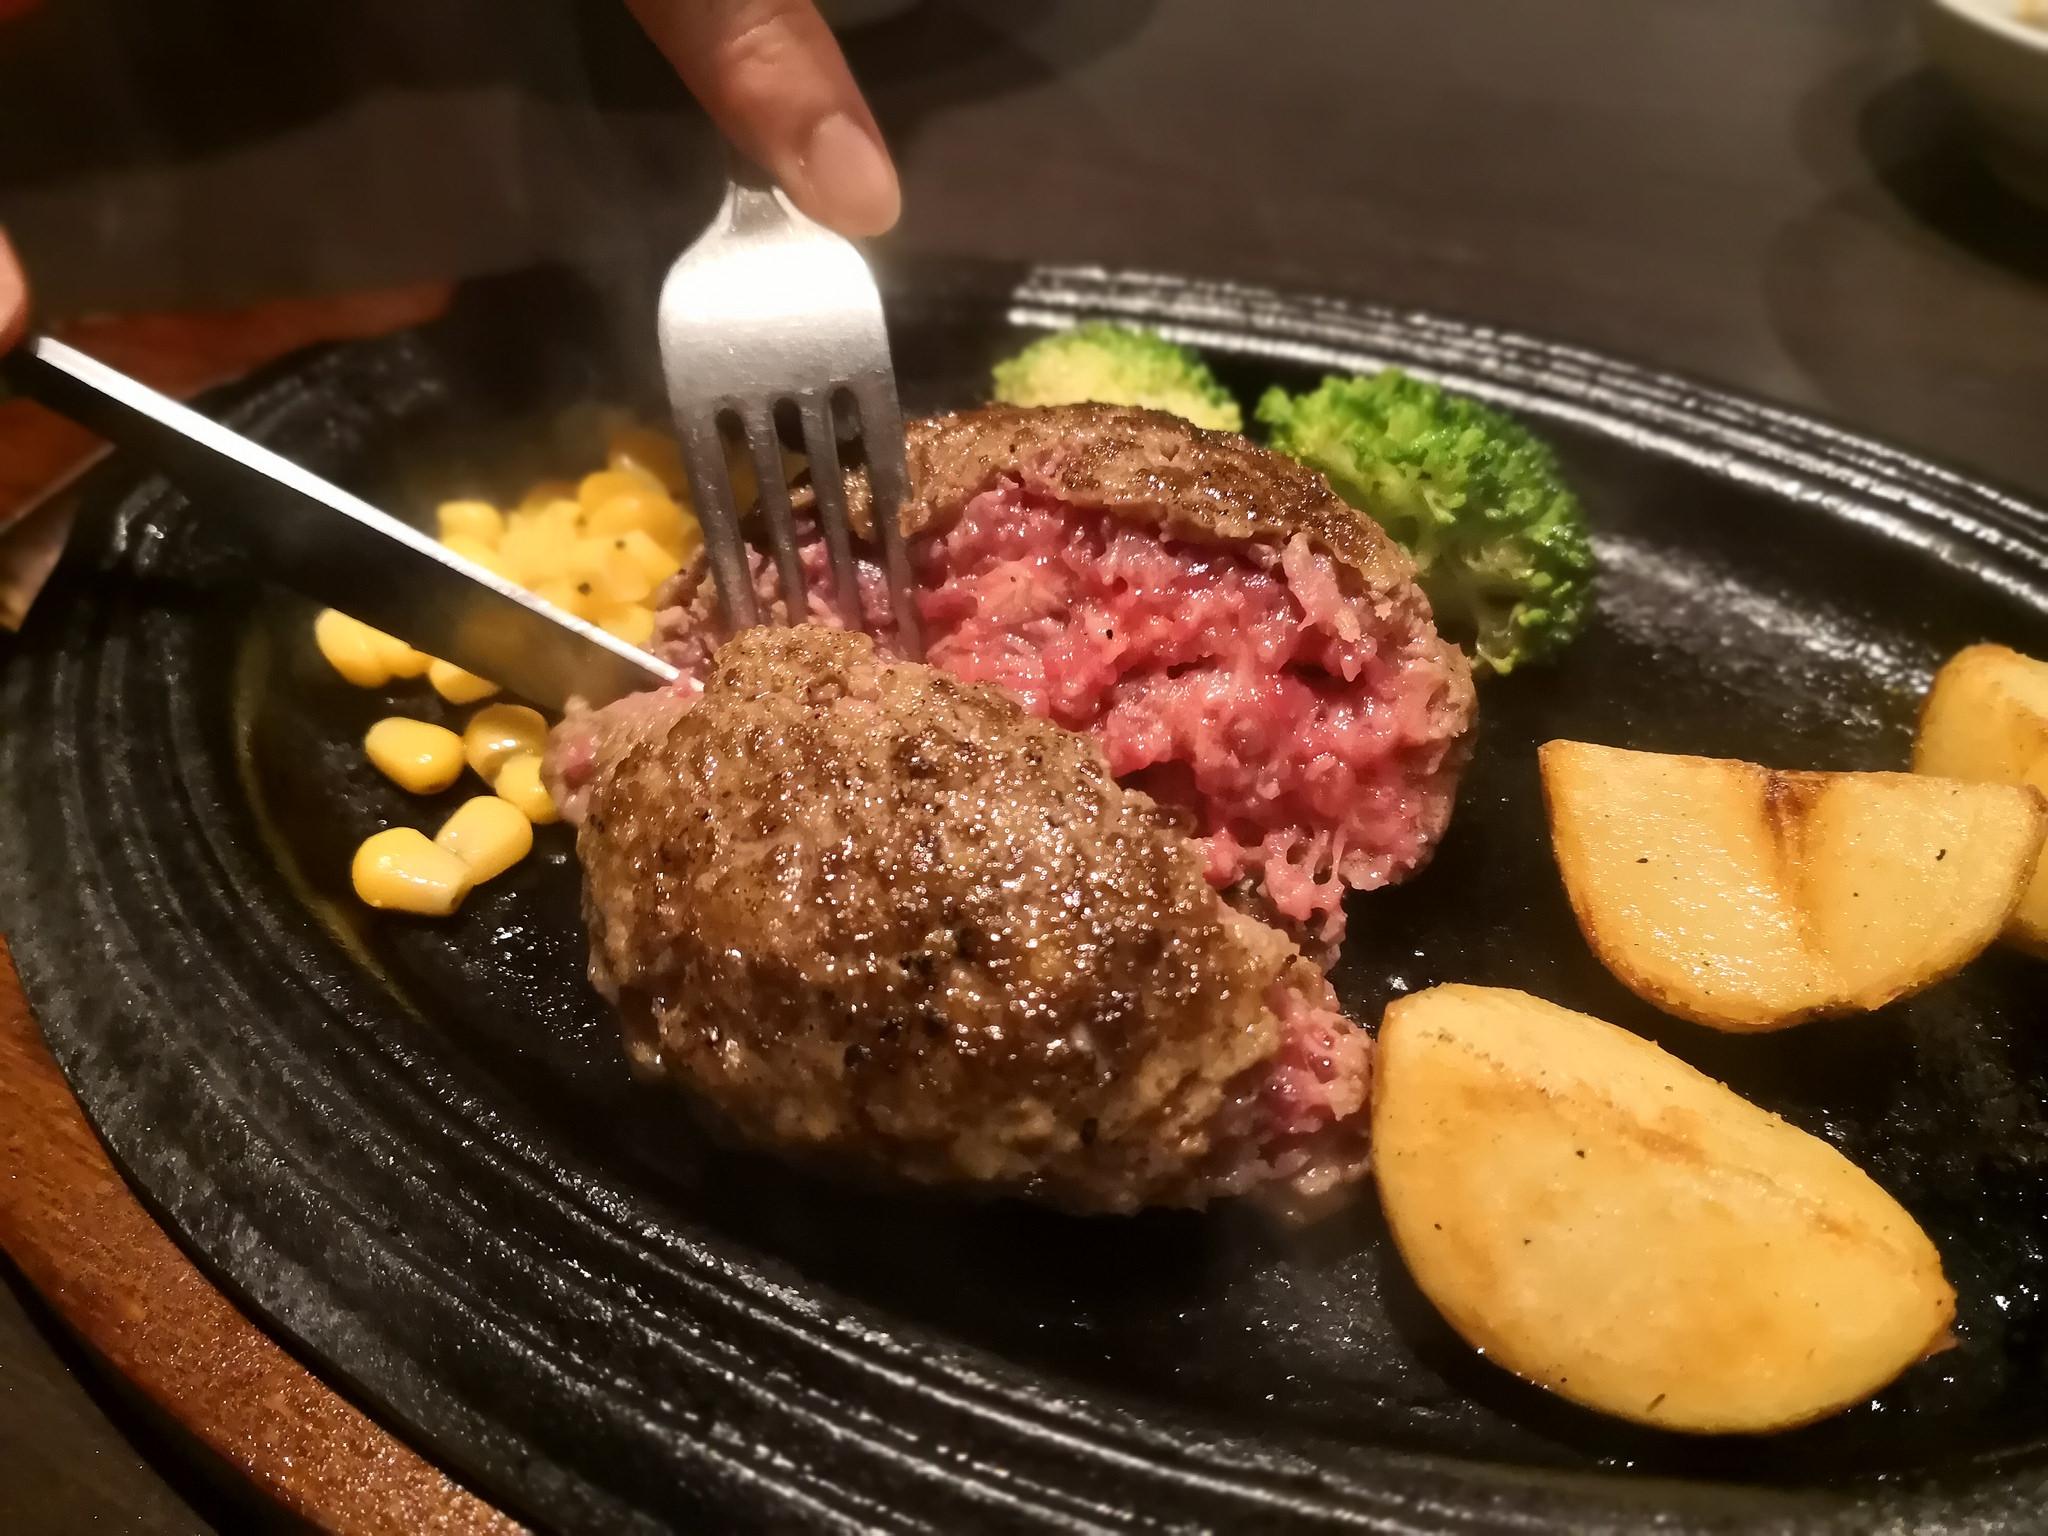 【五反田】銭場精肉店@お手頃本格的な黒毛和牛100%のハンバーグランチ。